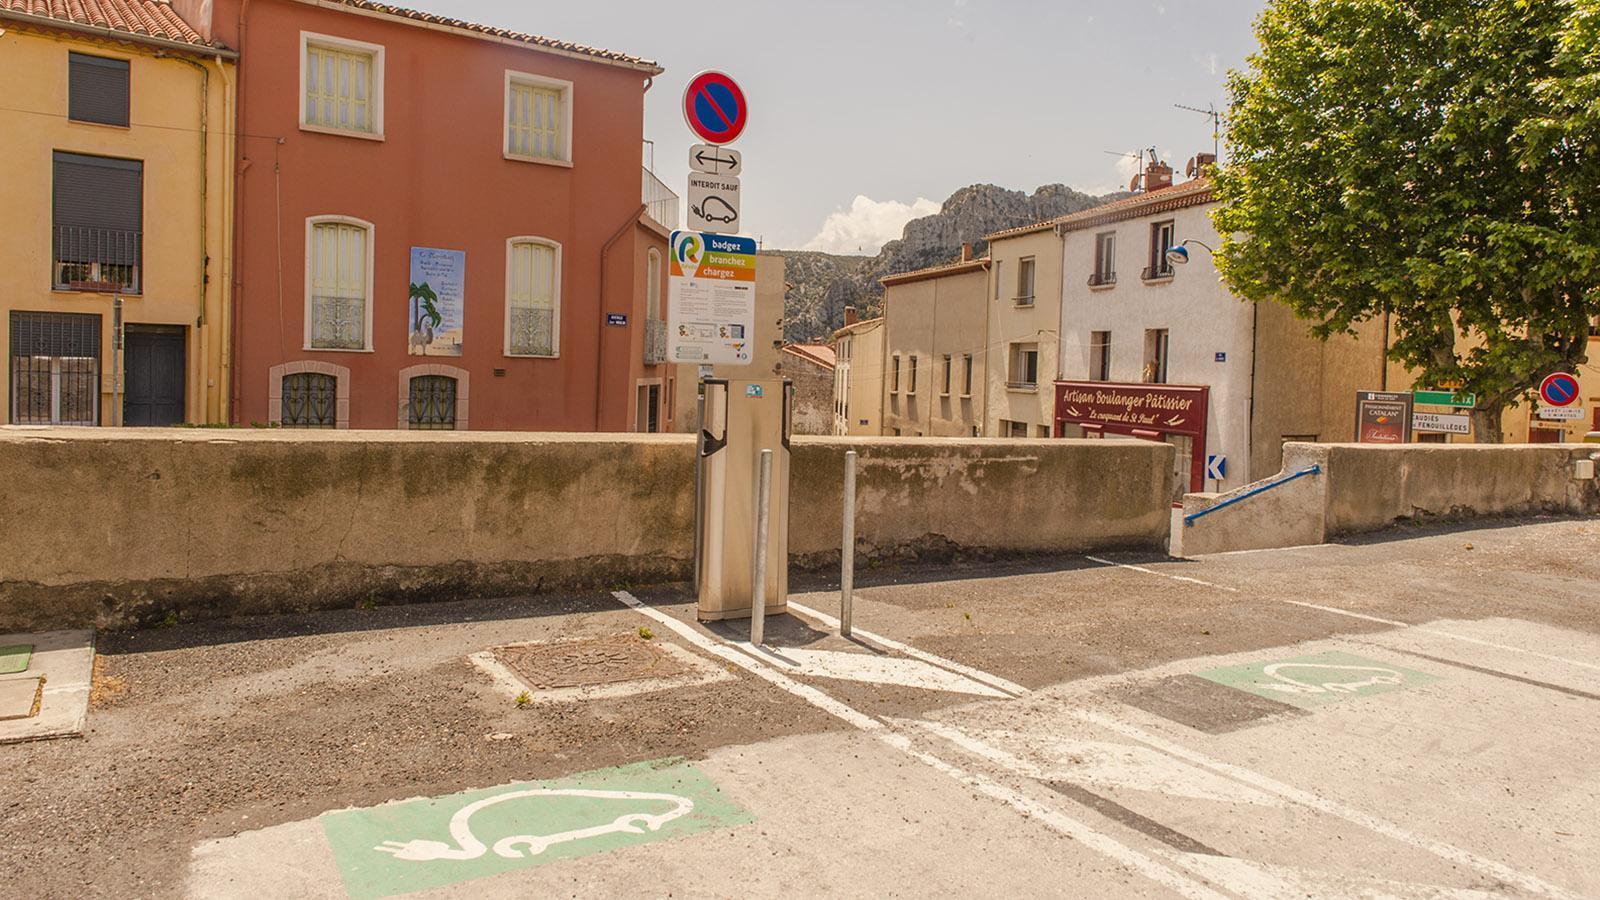 Saint-Paul-de-Fenouillet: Bereits 2017 gab es die ersten Ladestationen für e-Autos. Foto: Hilke Maunder